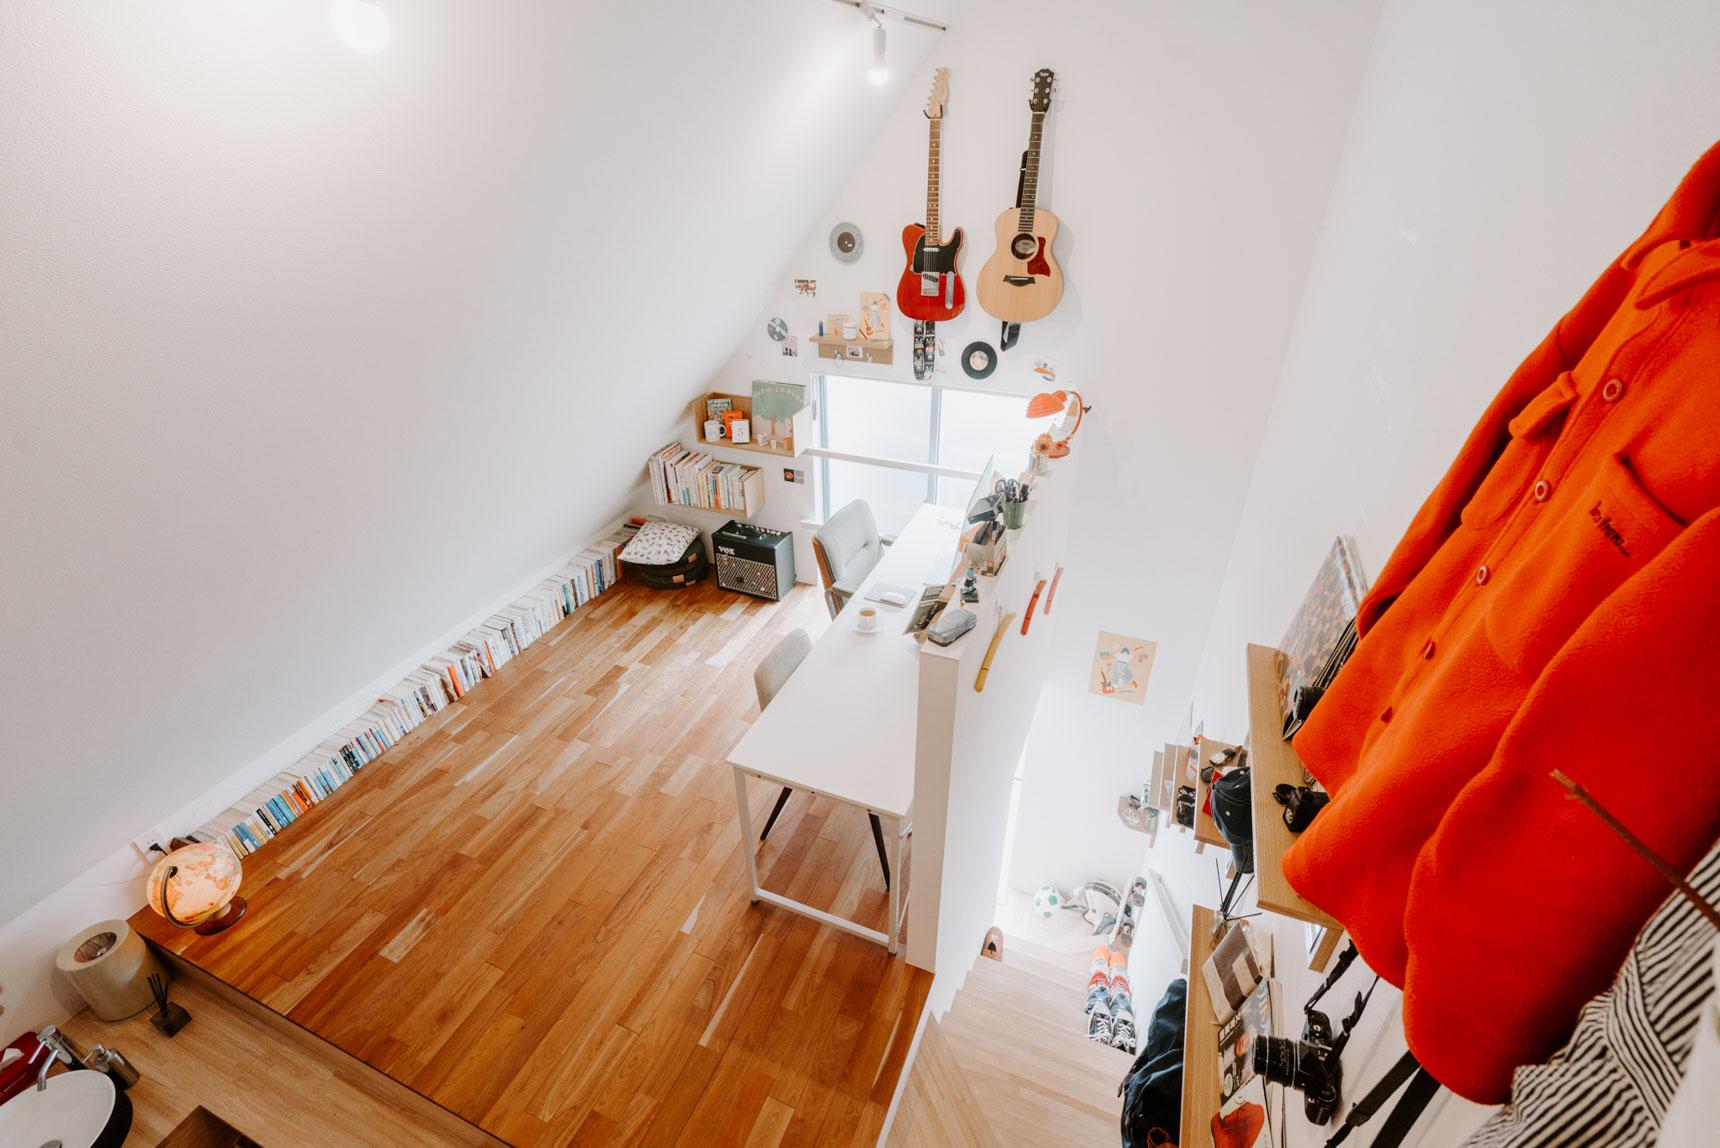 大好きな本は、「壁」に居場所を作って飾って楽しんでいるお部屋。